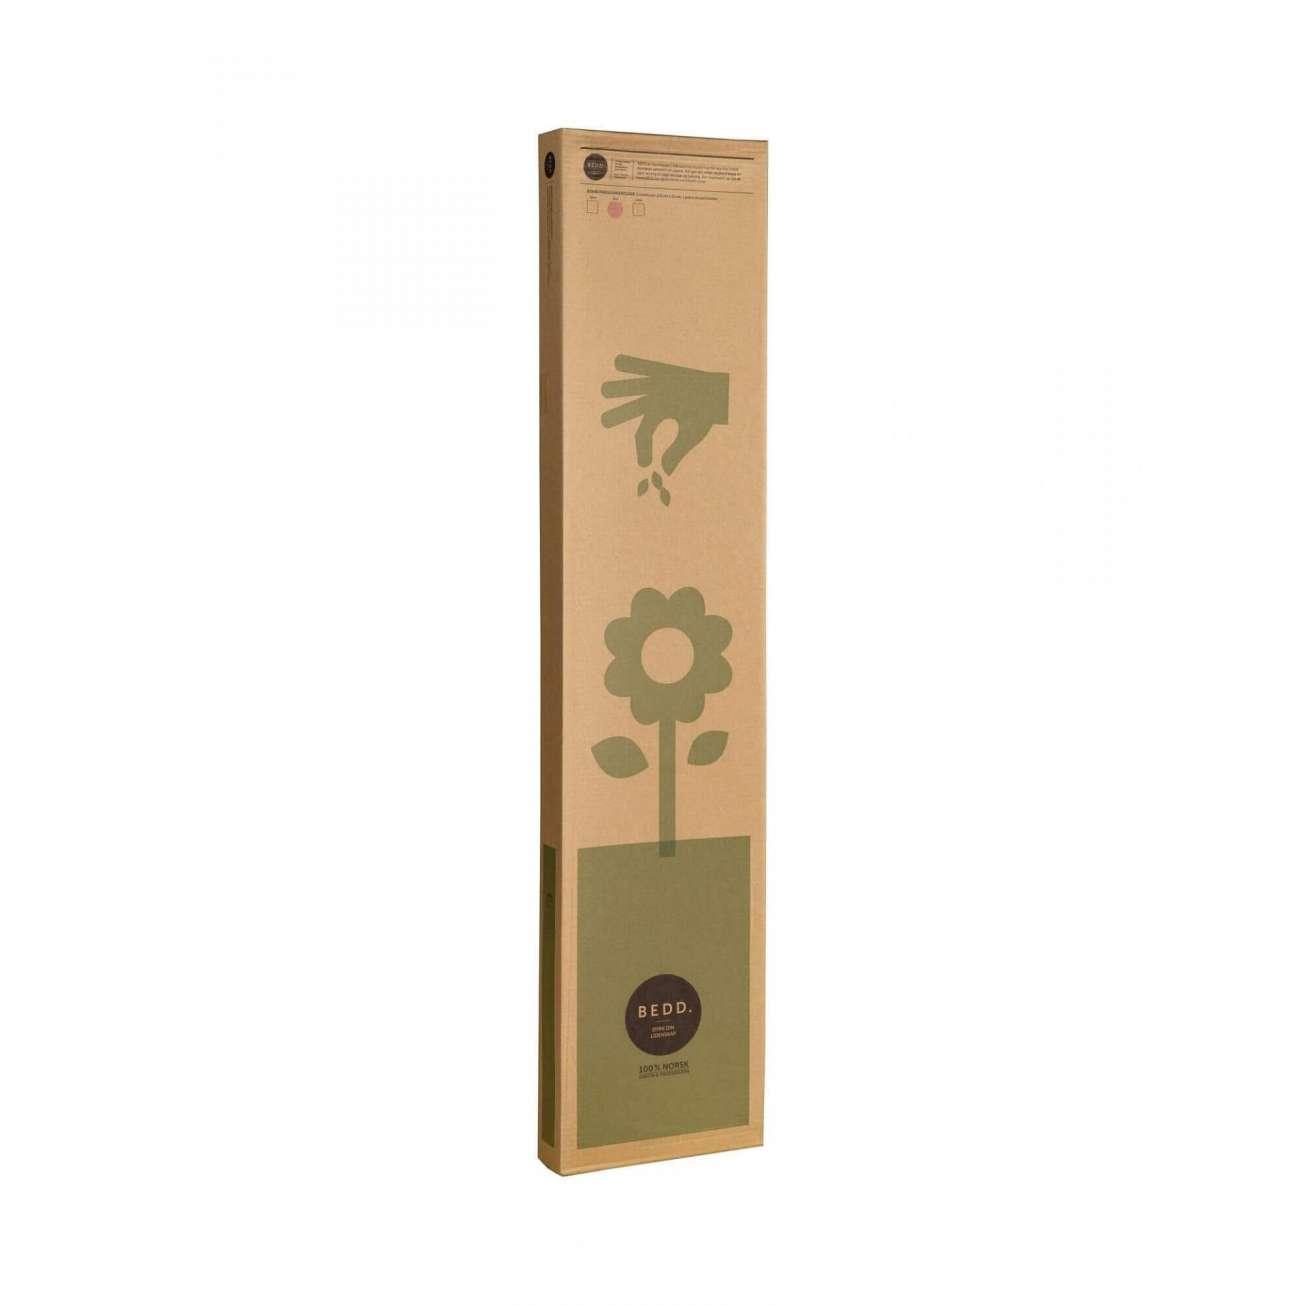 Bedd paneler i rust farge, 120 cm ganger 25cm i kartongemballasje